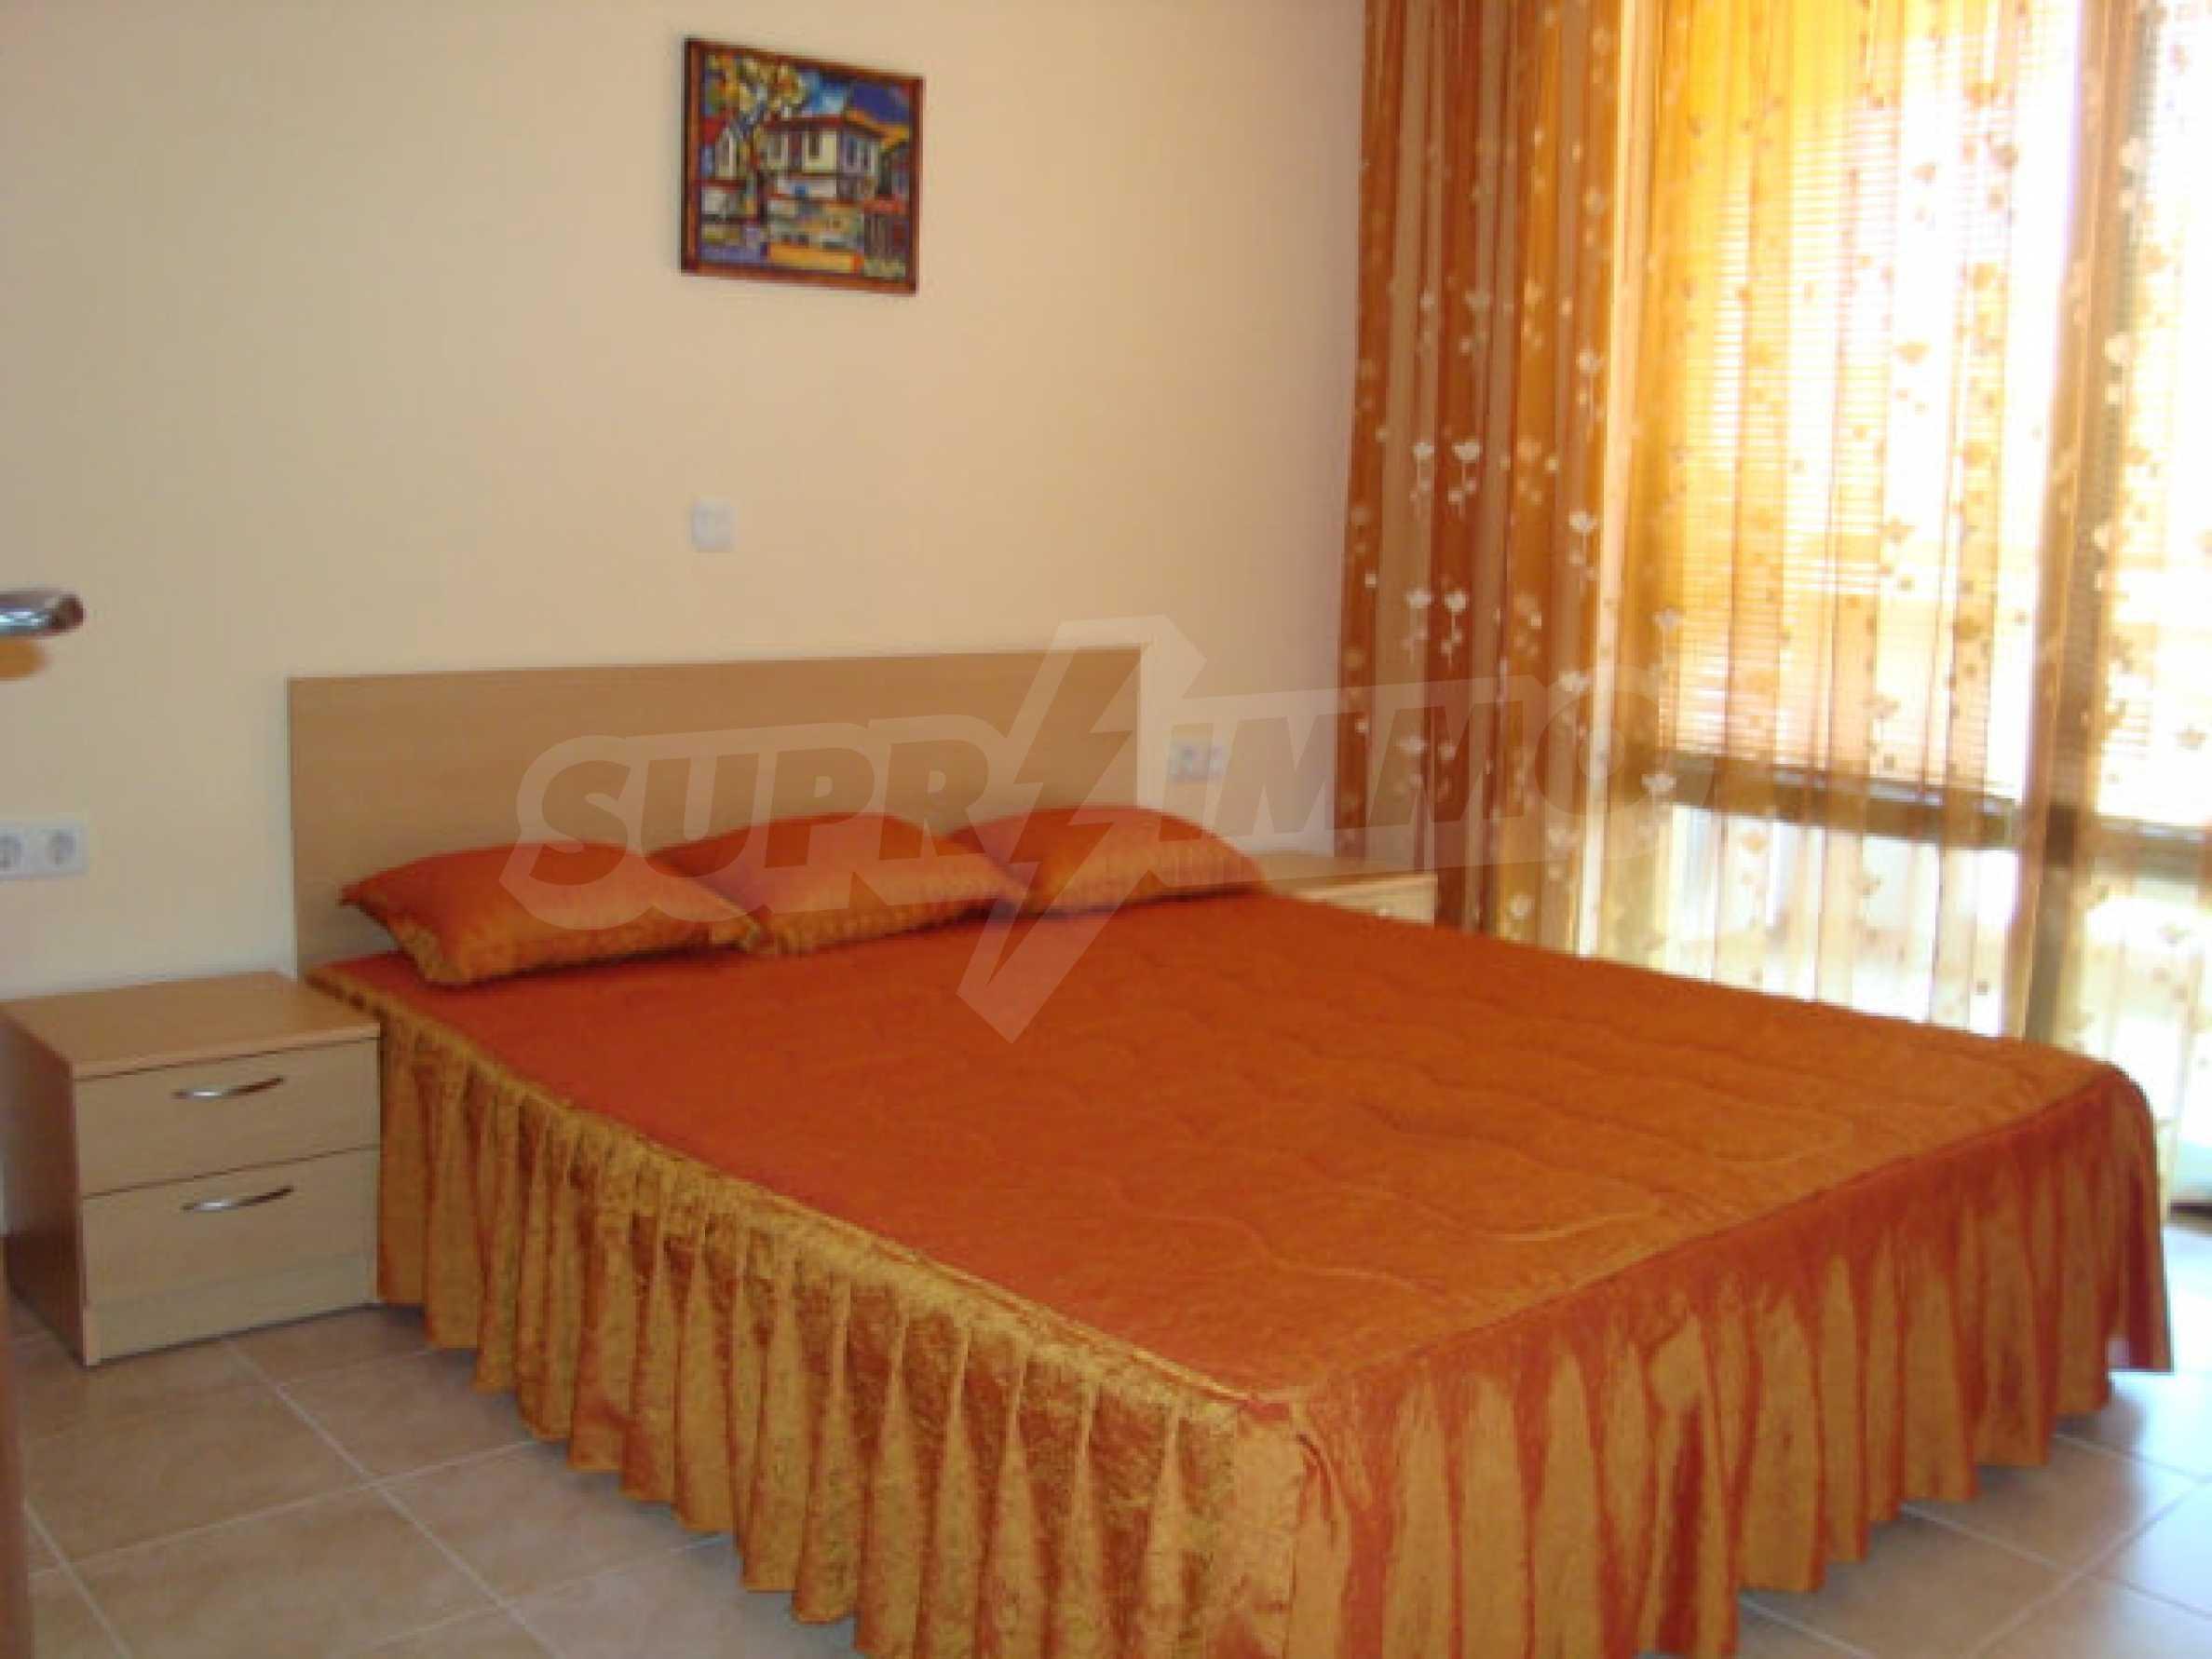 Zwei-Zimmer-Wohnung in Saint Nicholas Komplex in Chernomorets 9